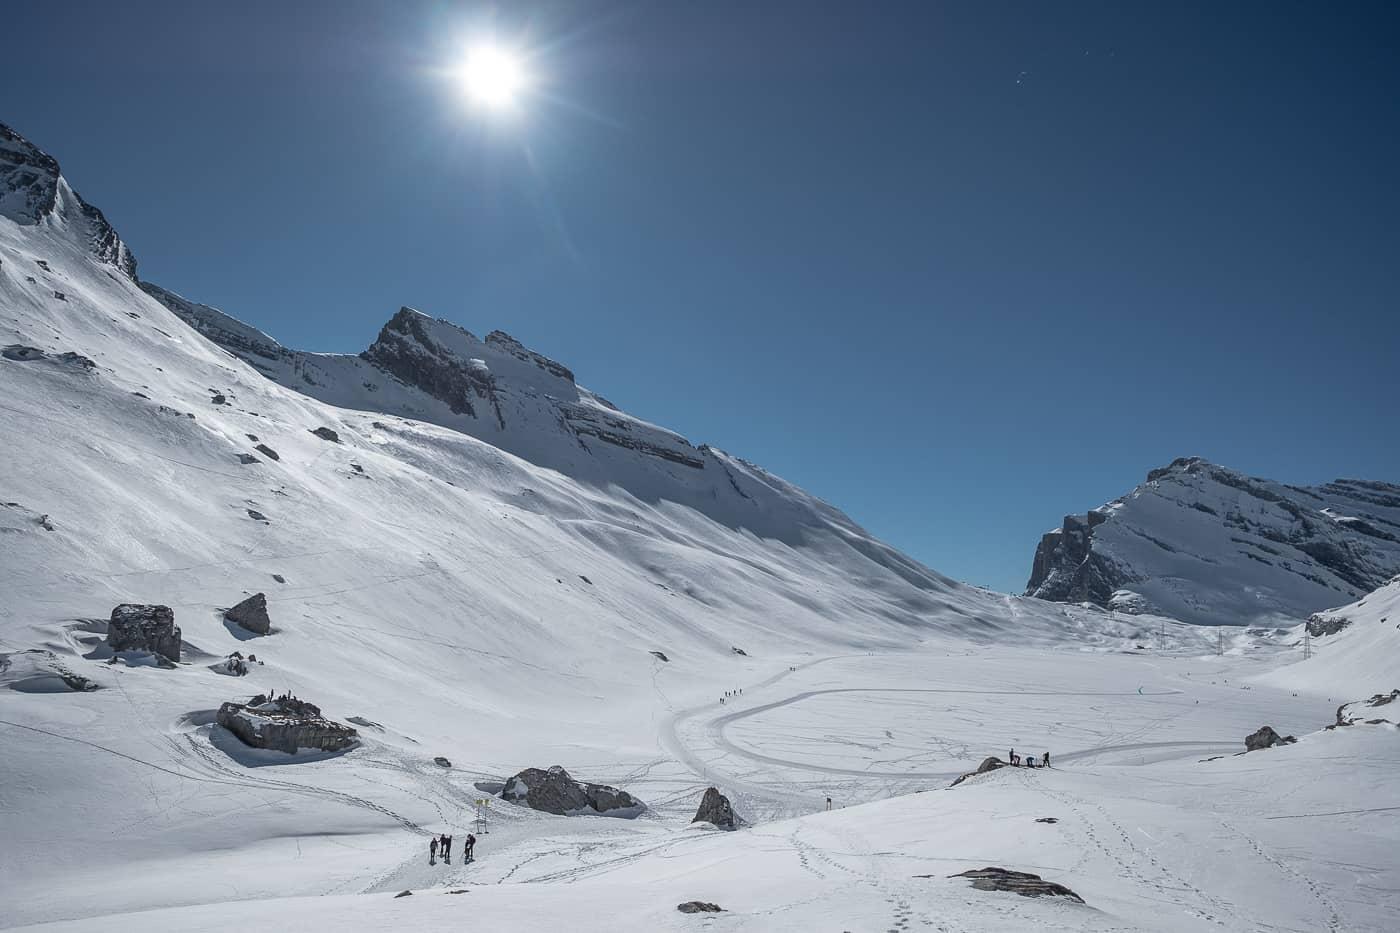 Daubensee oberhalb Leukerbad im gefrorenen Zustand